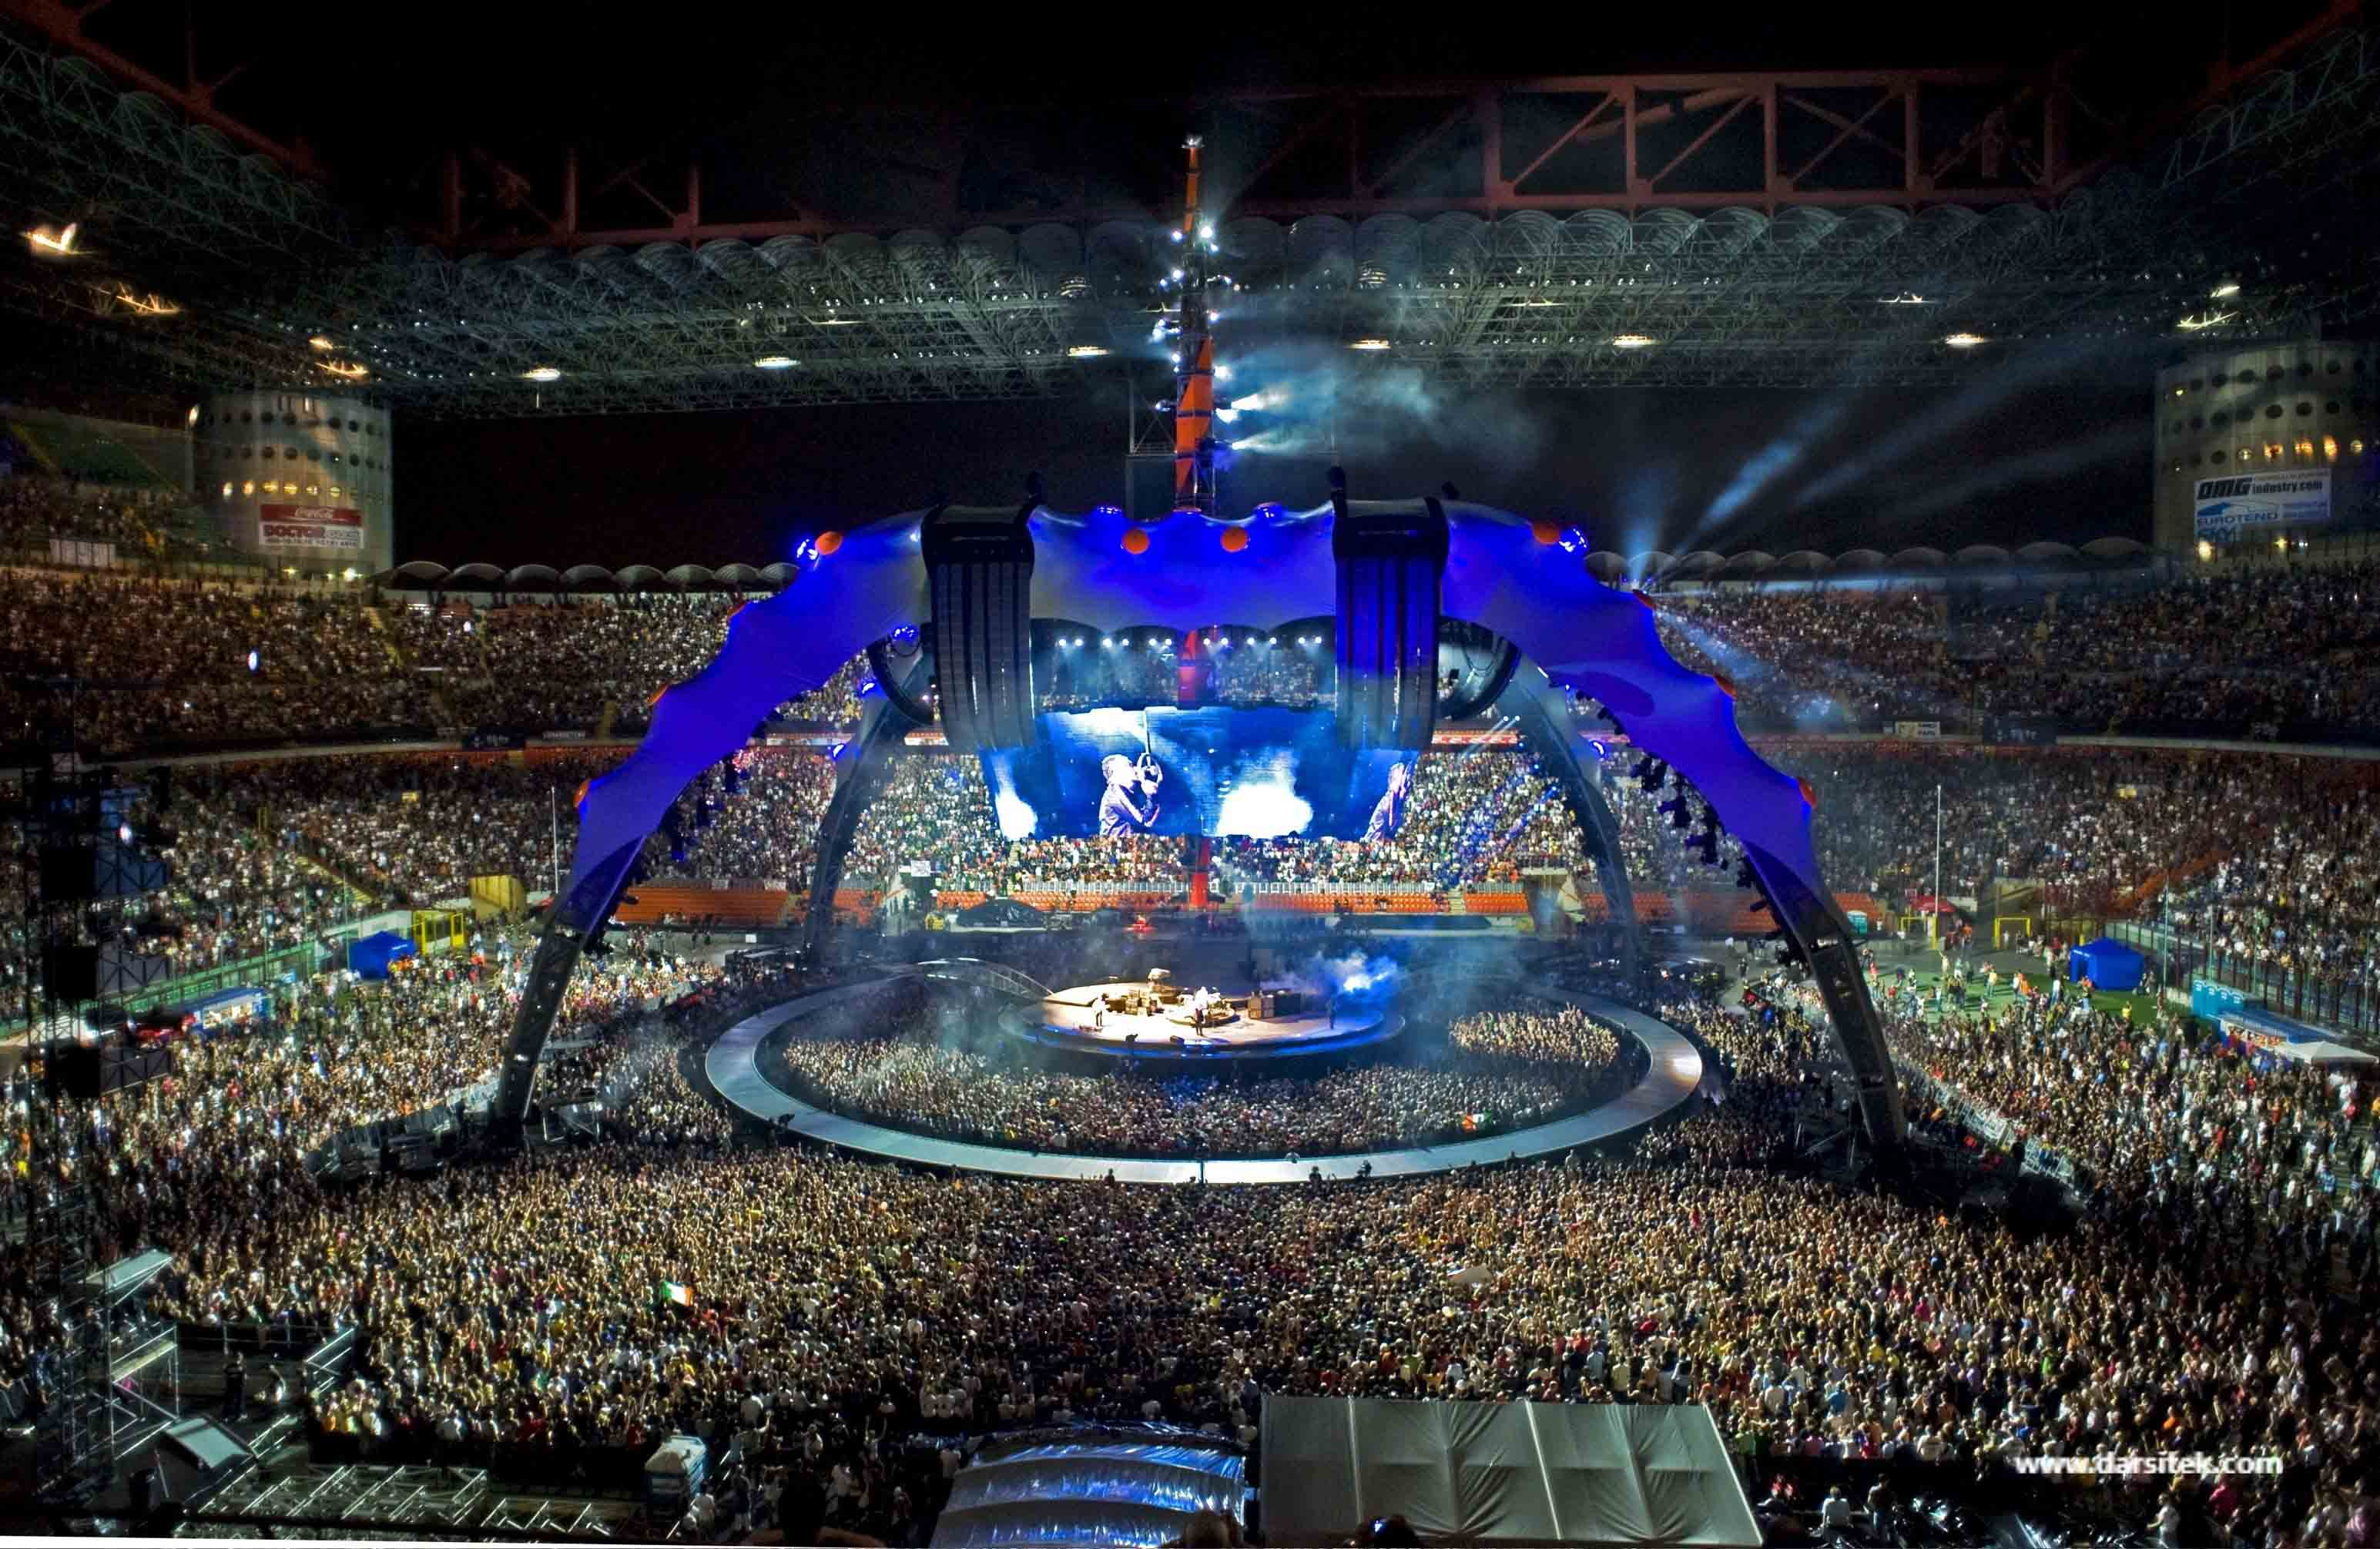 konser musik termasuk dalam kategori proyek